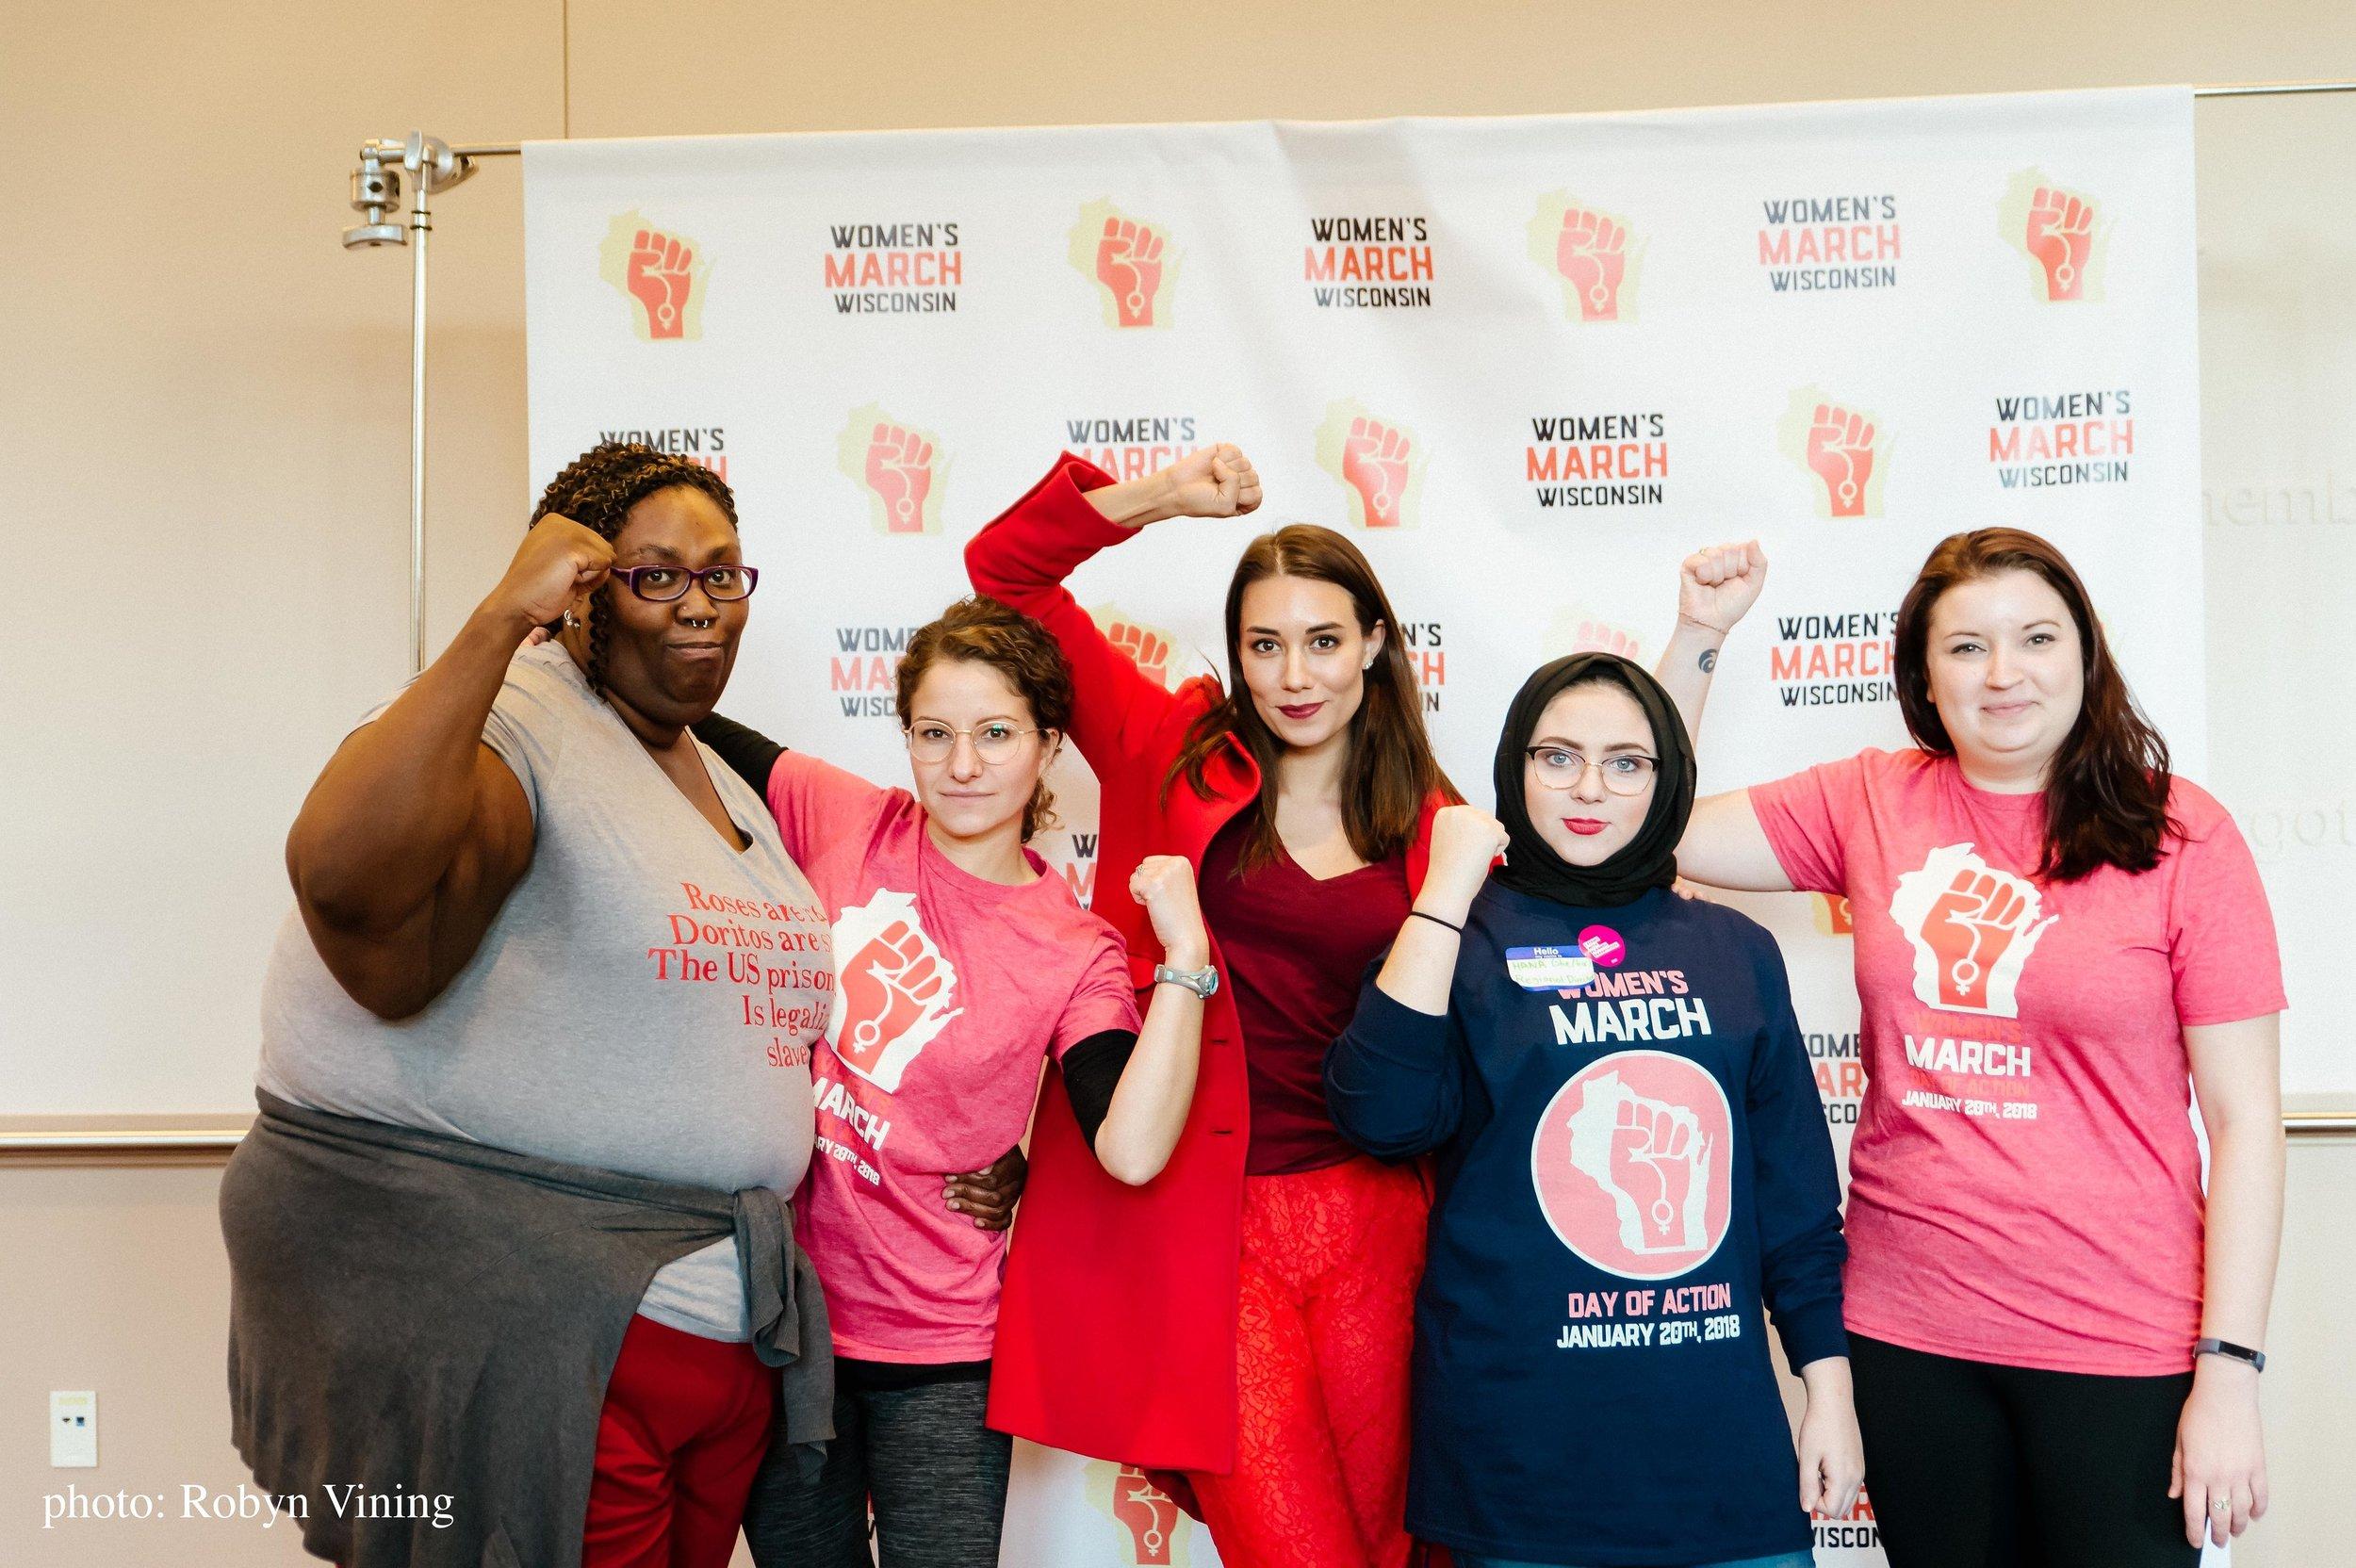 WomensMarch2018-BreakoutSessions-3633.jpg